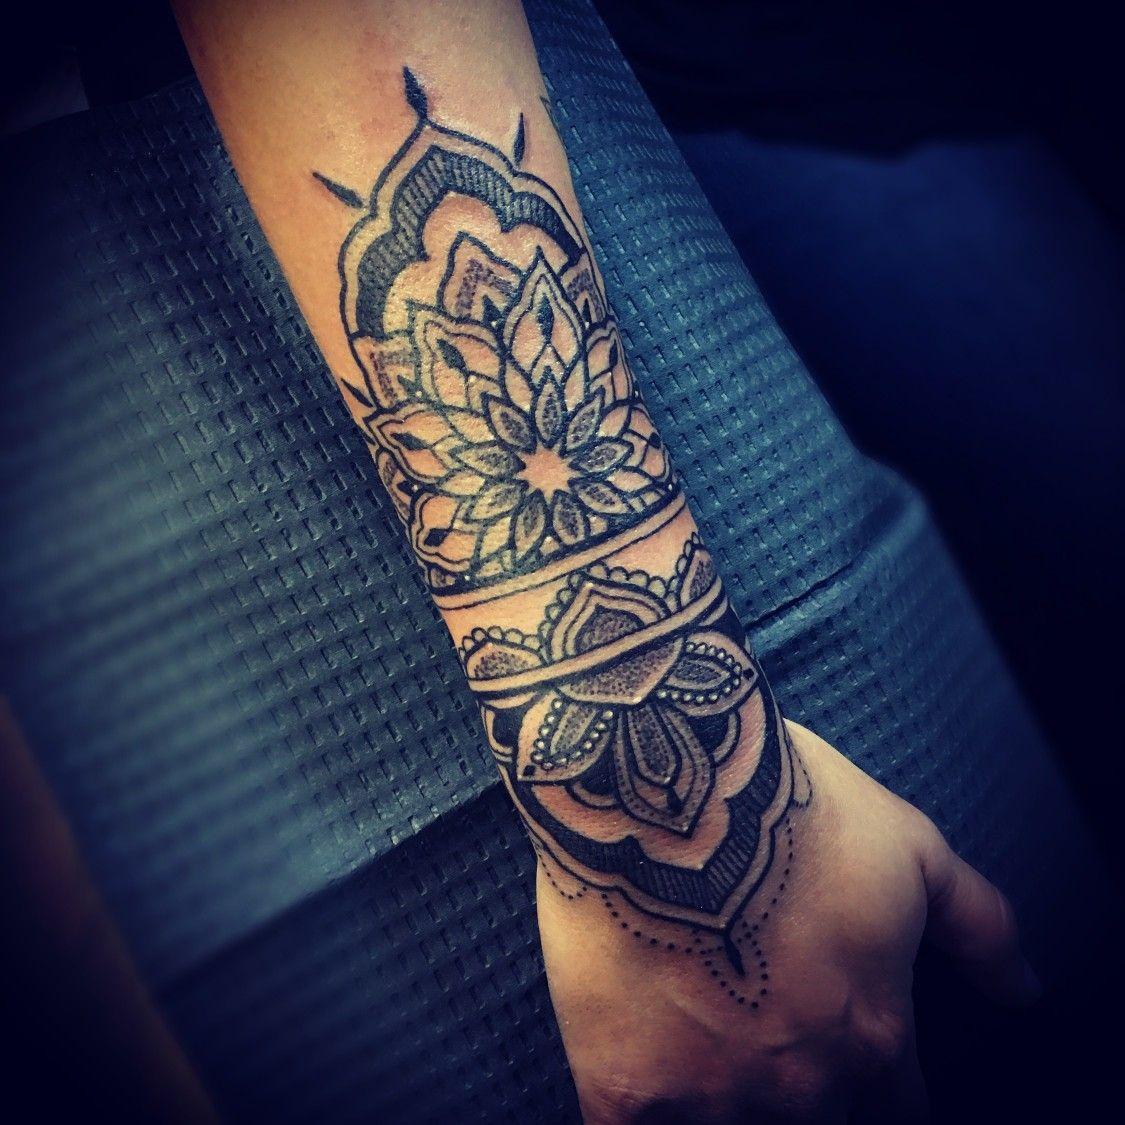 Pin By Elena Marie On Tattoo In 2020 Cuff Tattoo Sleeve Tattoos Mandala Wrist Tattoo